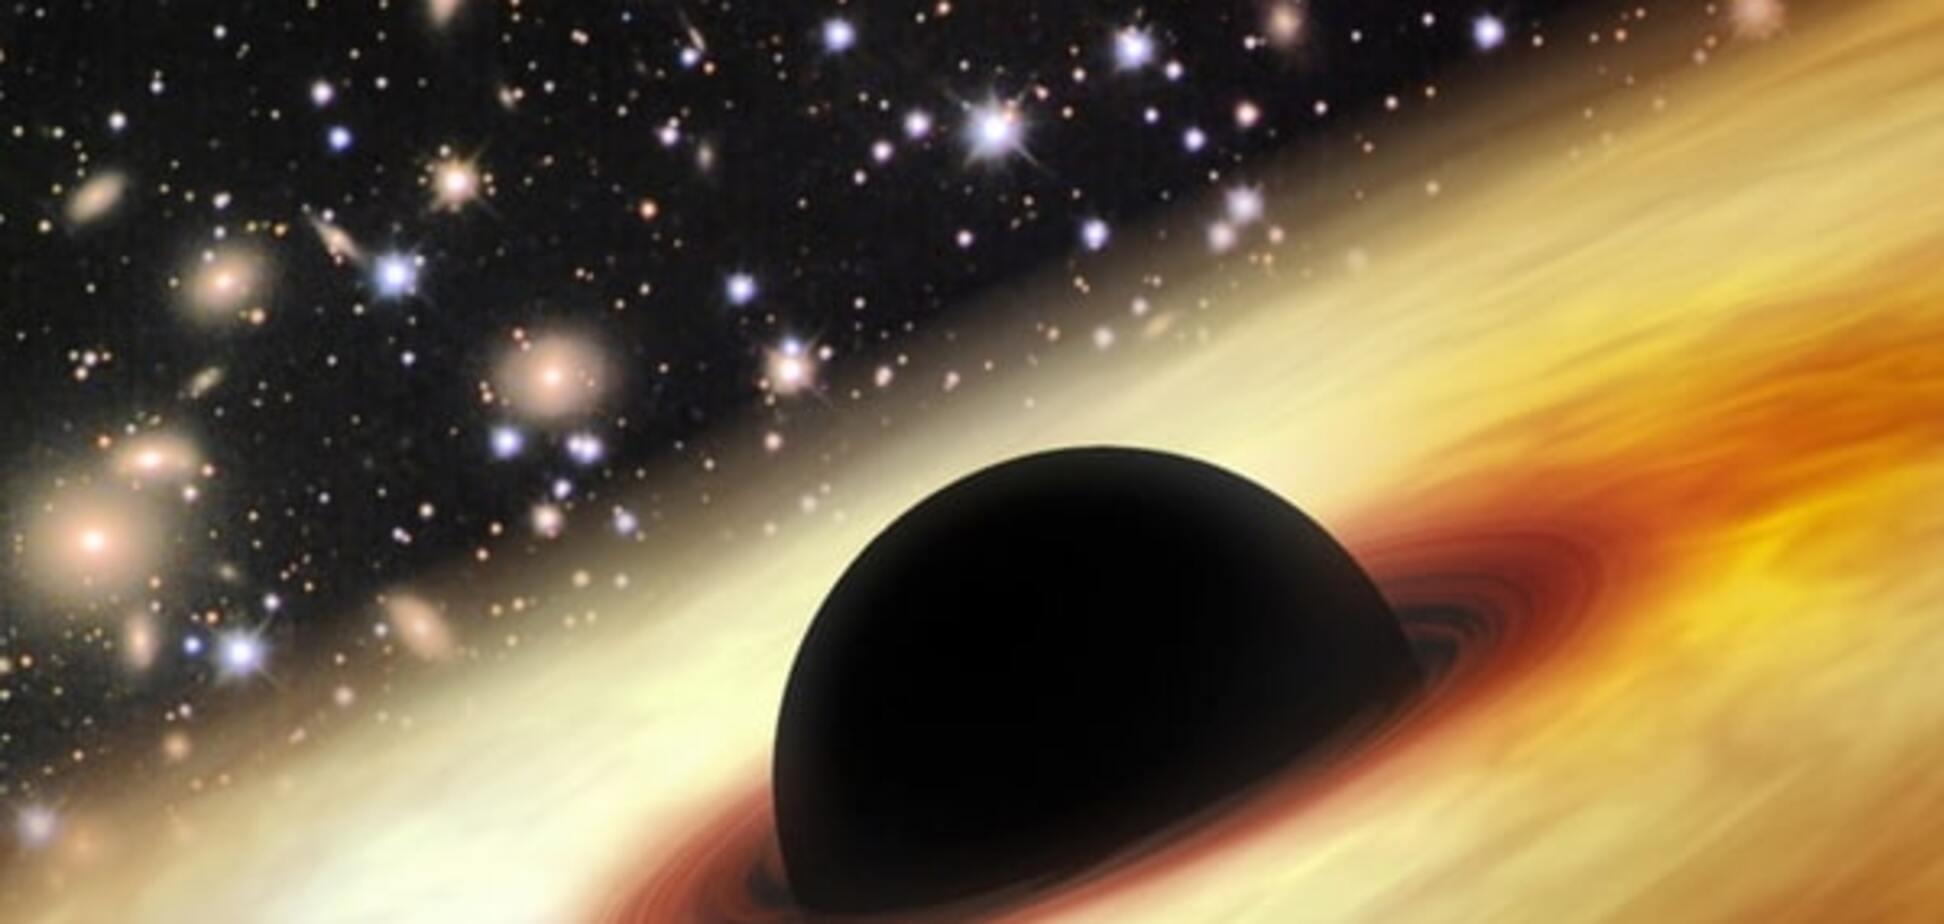 Вчені з'ясували що станеться, якщо монетка перетвориться на чорну діру